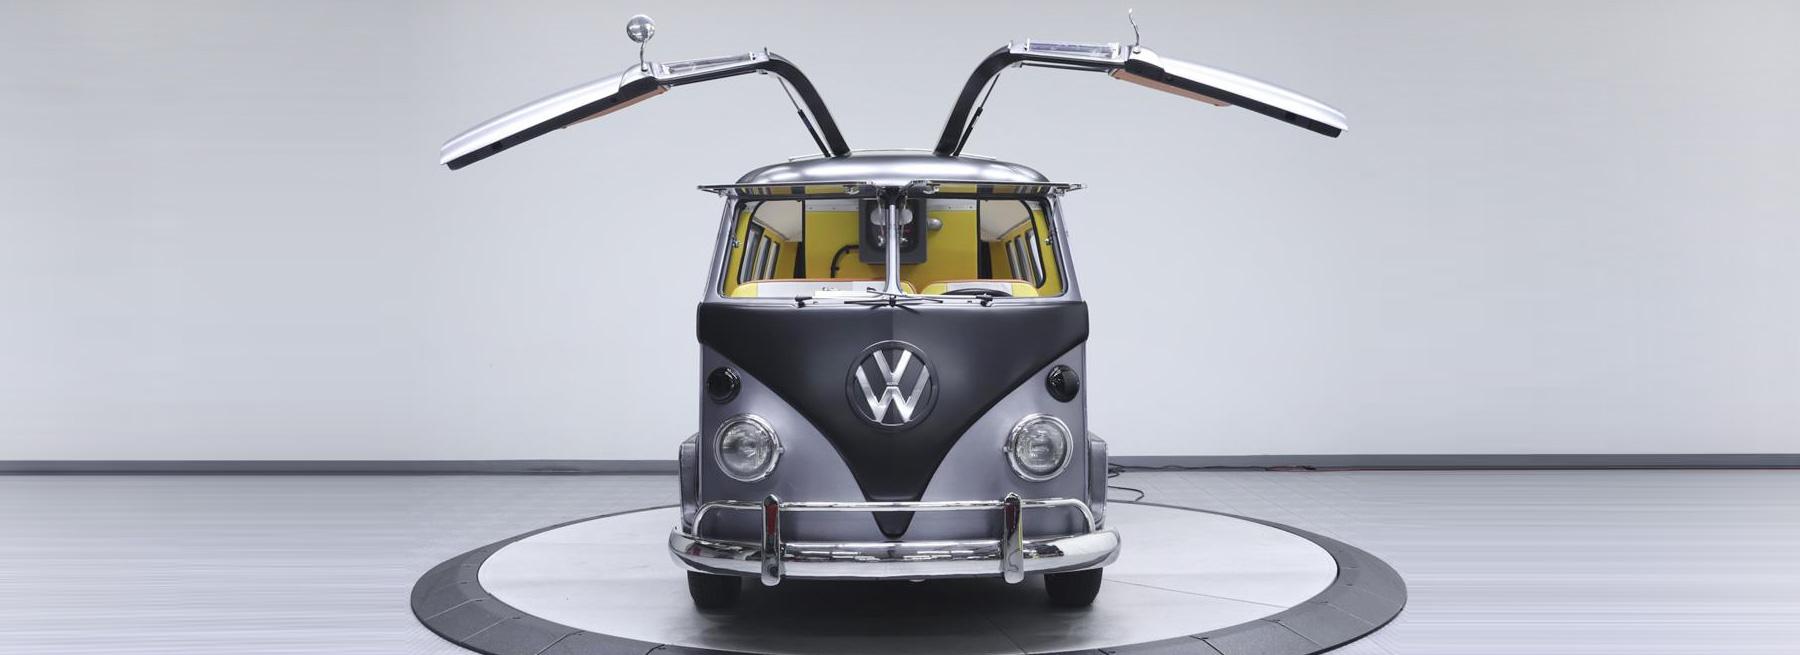 back-to-the-future-1967-volkswagen-bus-designboom-1800.jpg